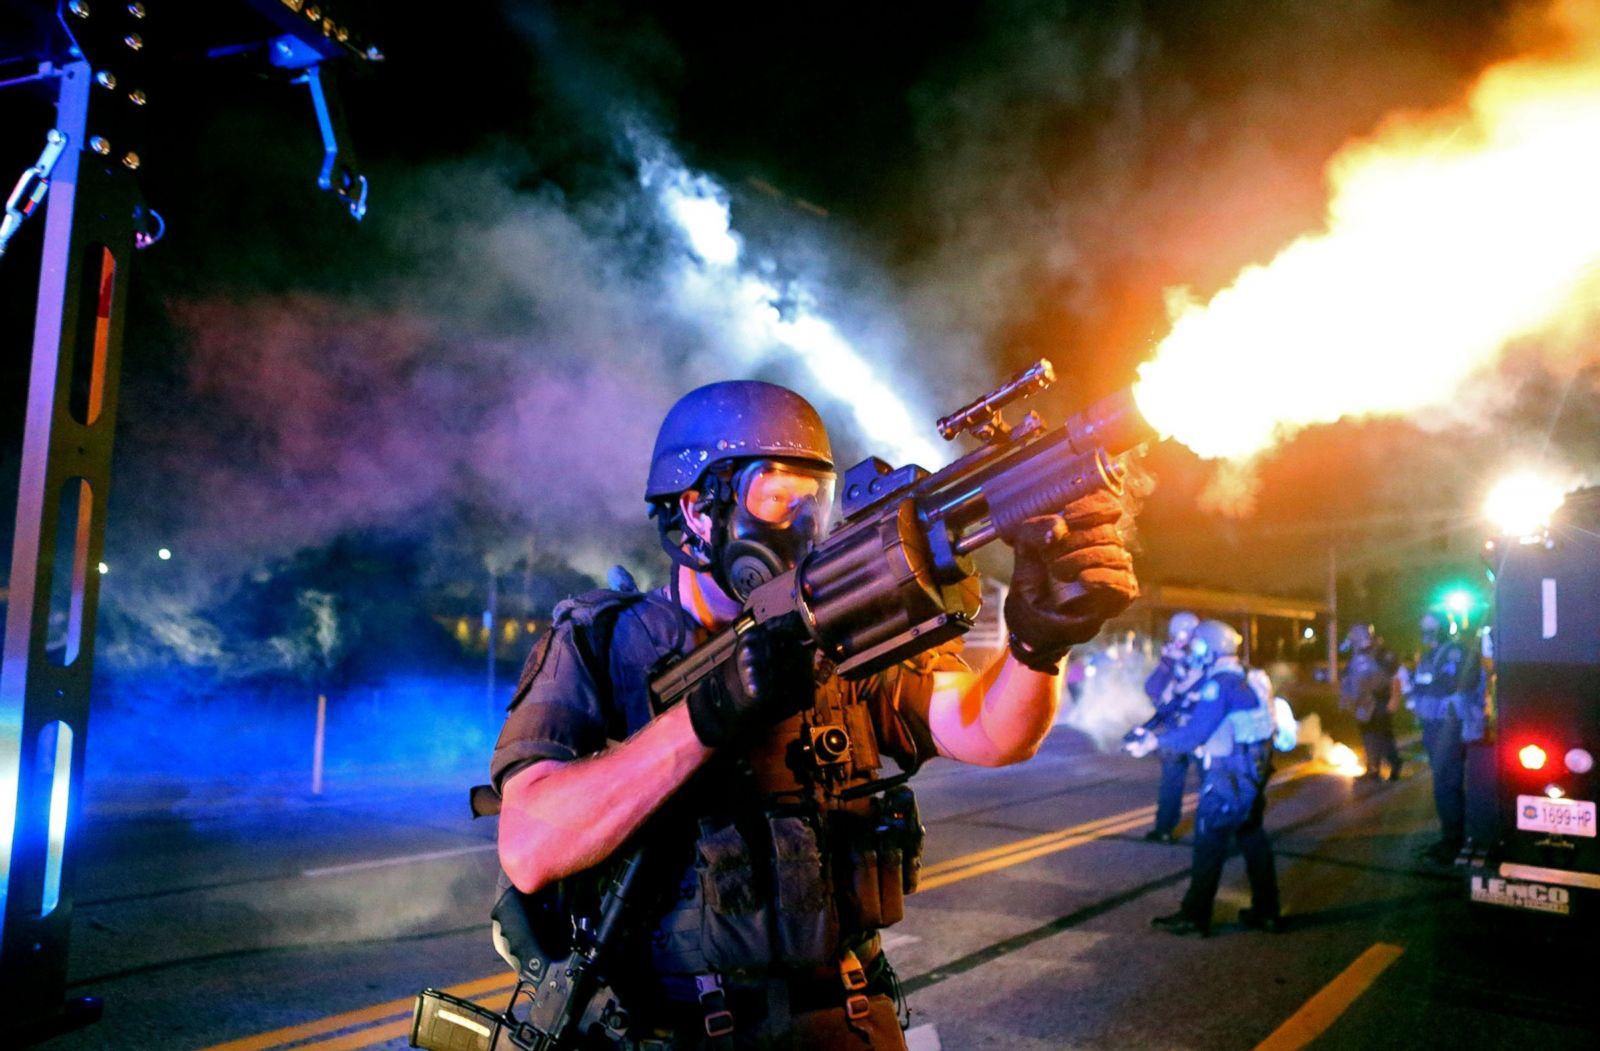 La policía dispara gas lacrimógeno durante una protesta por la muerte de Michael Brown en Ferguson, Missouri, el 18 de agosto de 2014. Fotografía: David Carson/St. Louis Post-Dispatch/Polaris